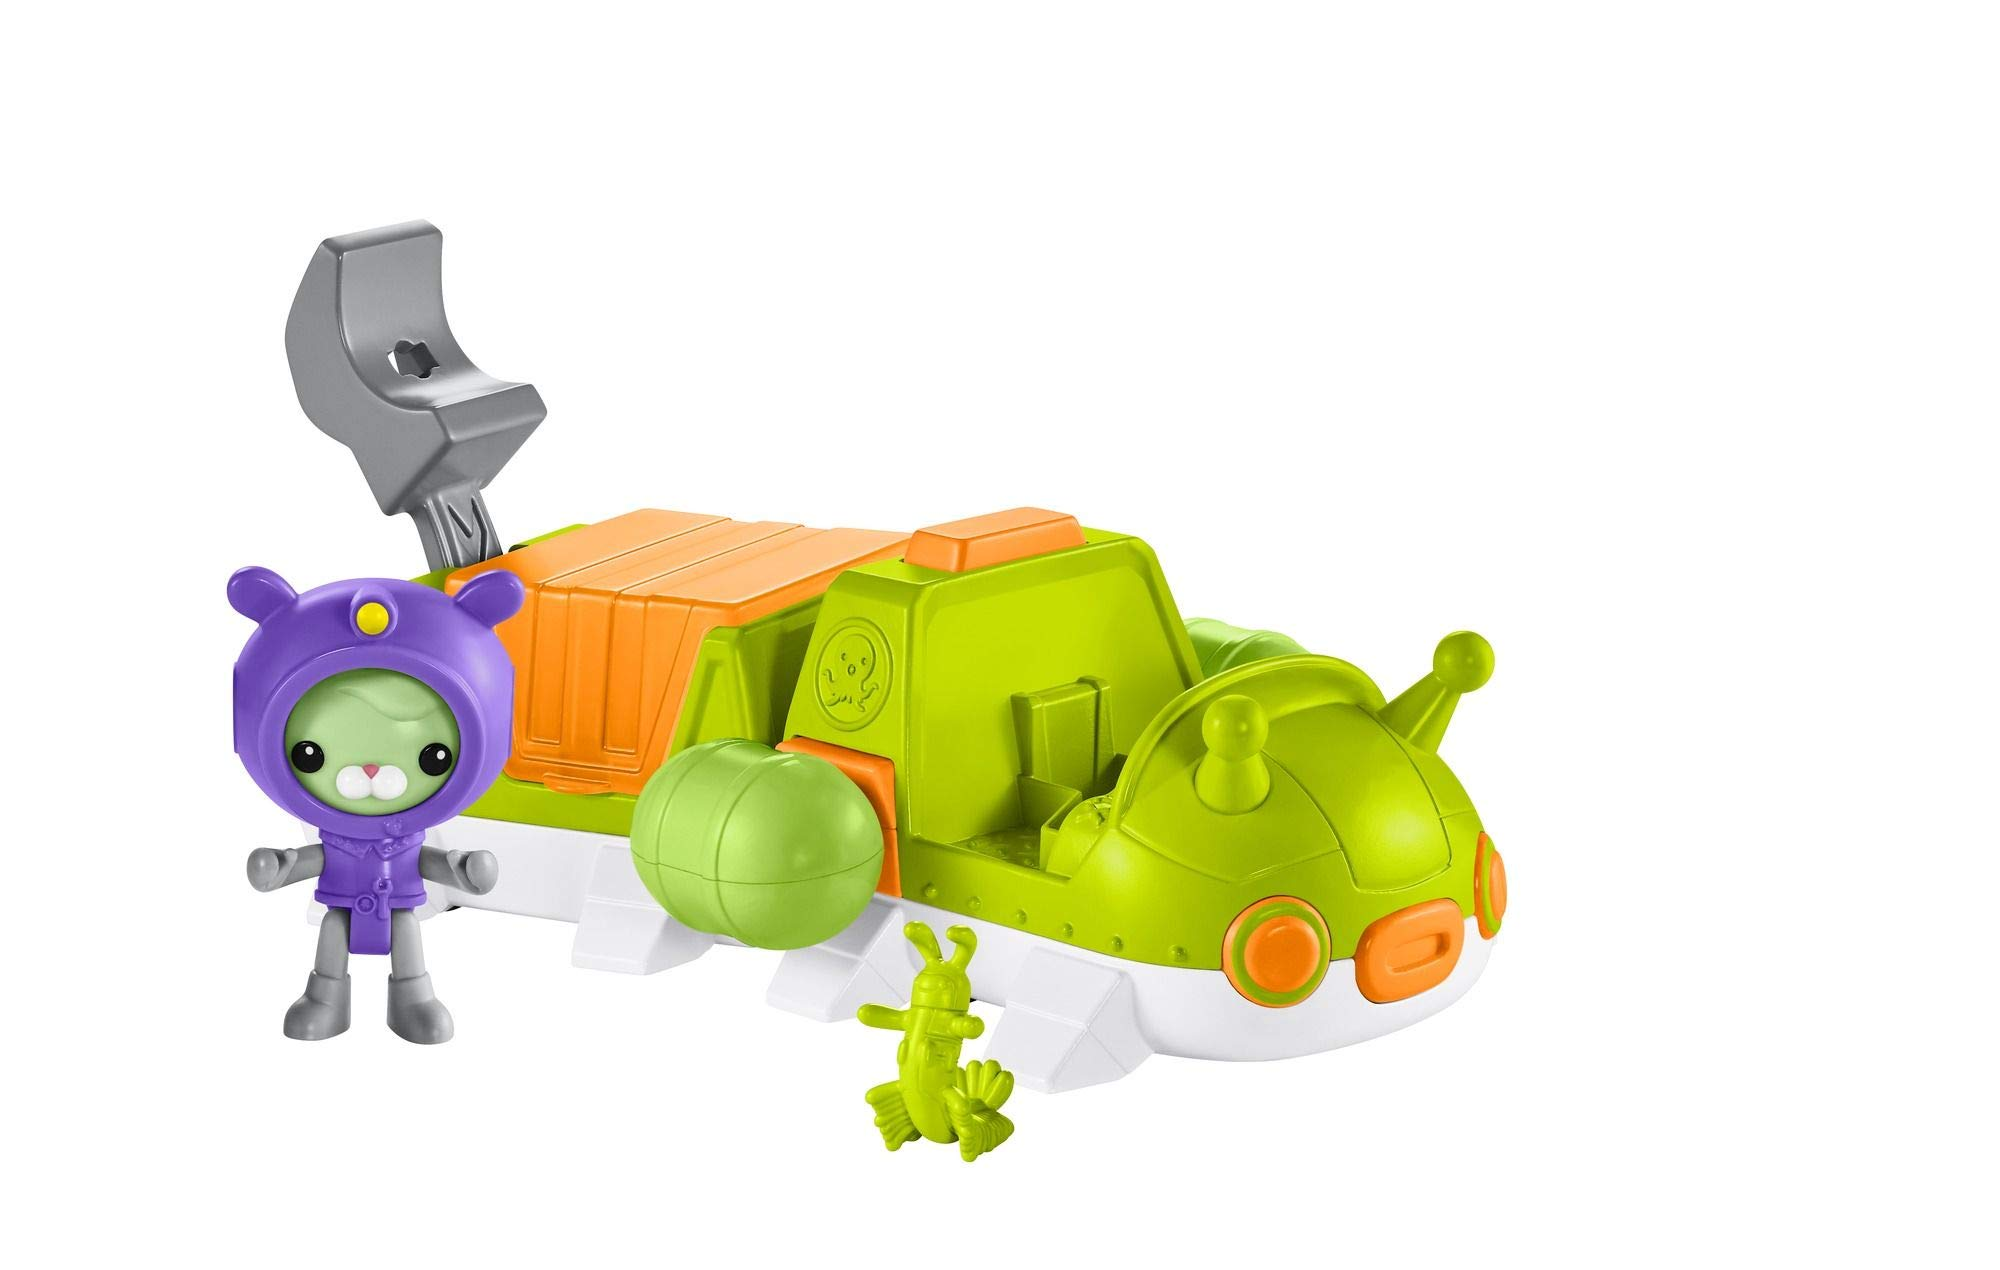 Fisher-Price Octonauts Gup-V & Tweak Vehicle